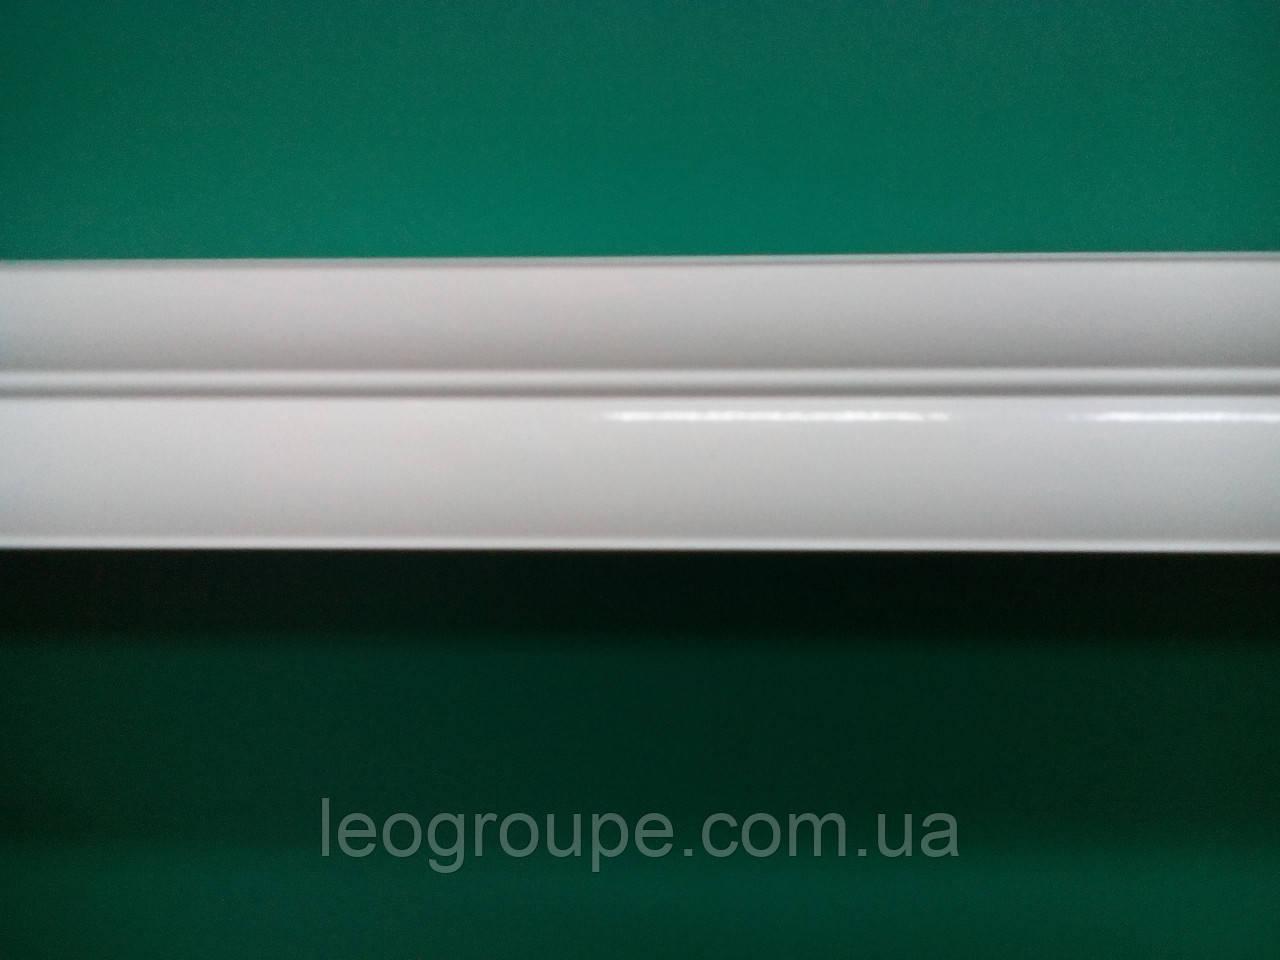 Карниз белый двойной алюминий-2м